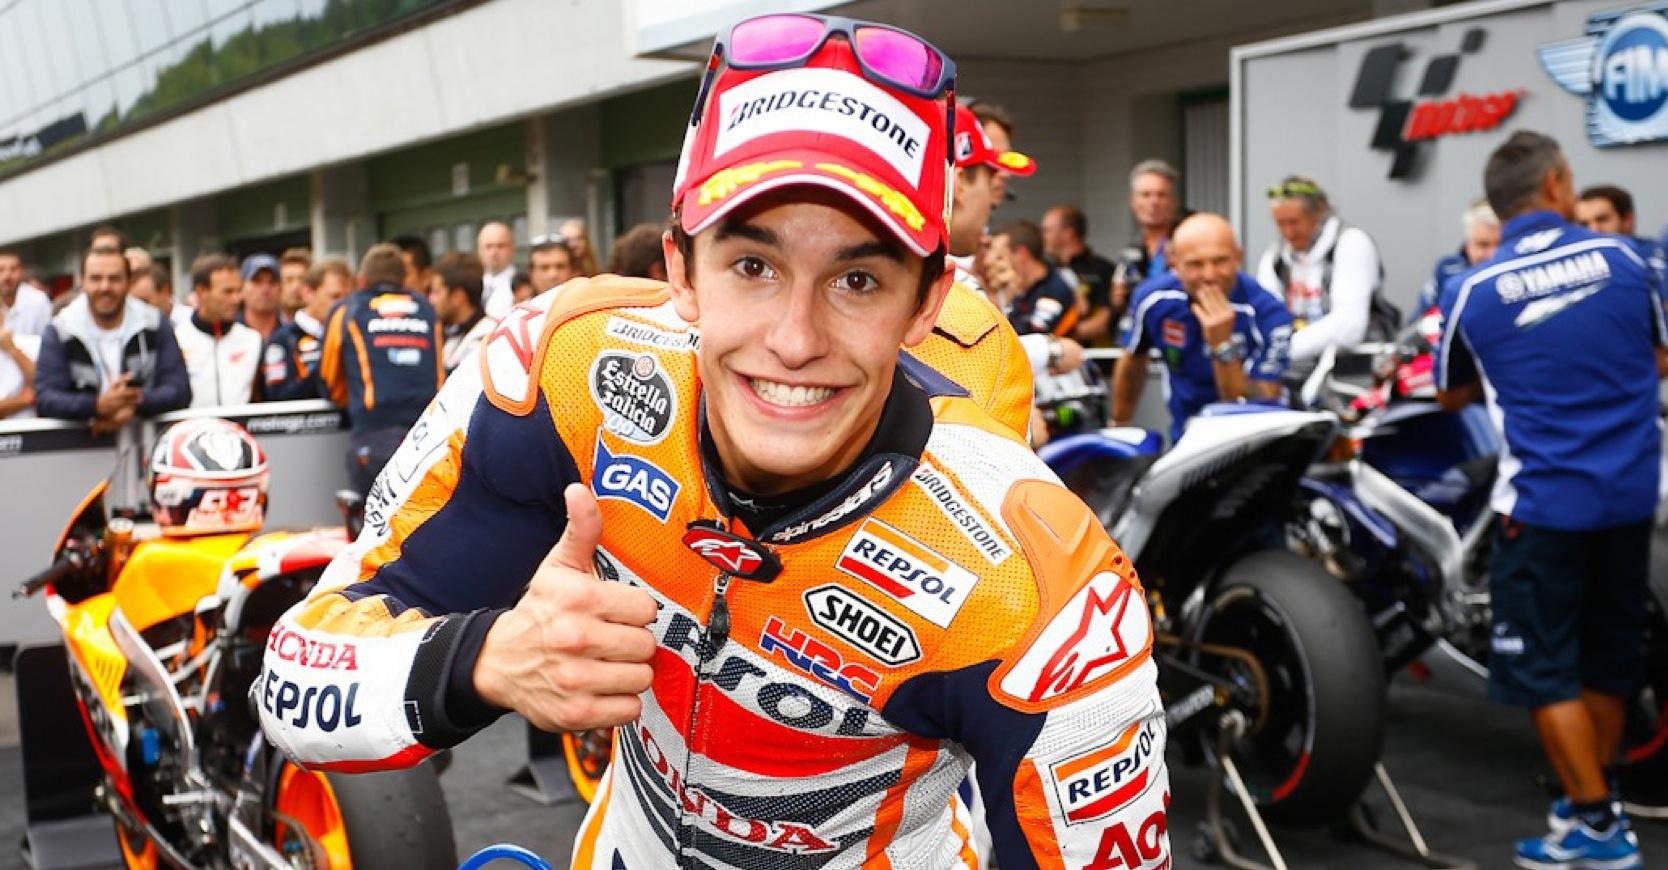 Marquez è campione del mondo Rossi cade, addio alla rimonta